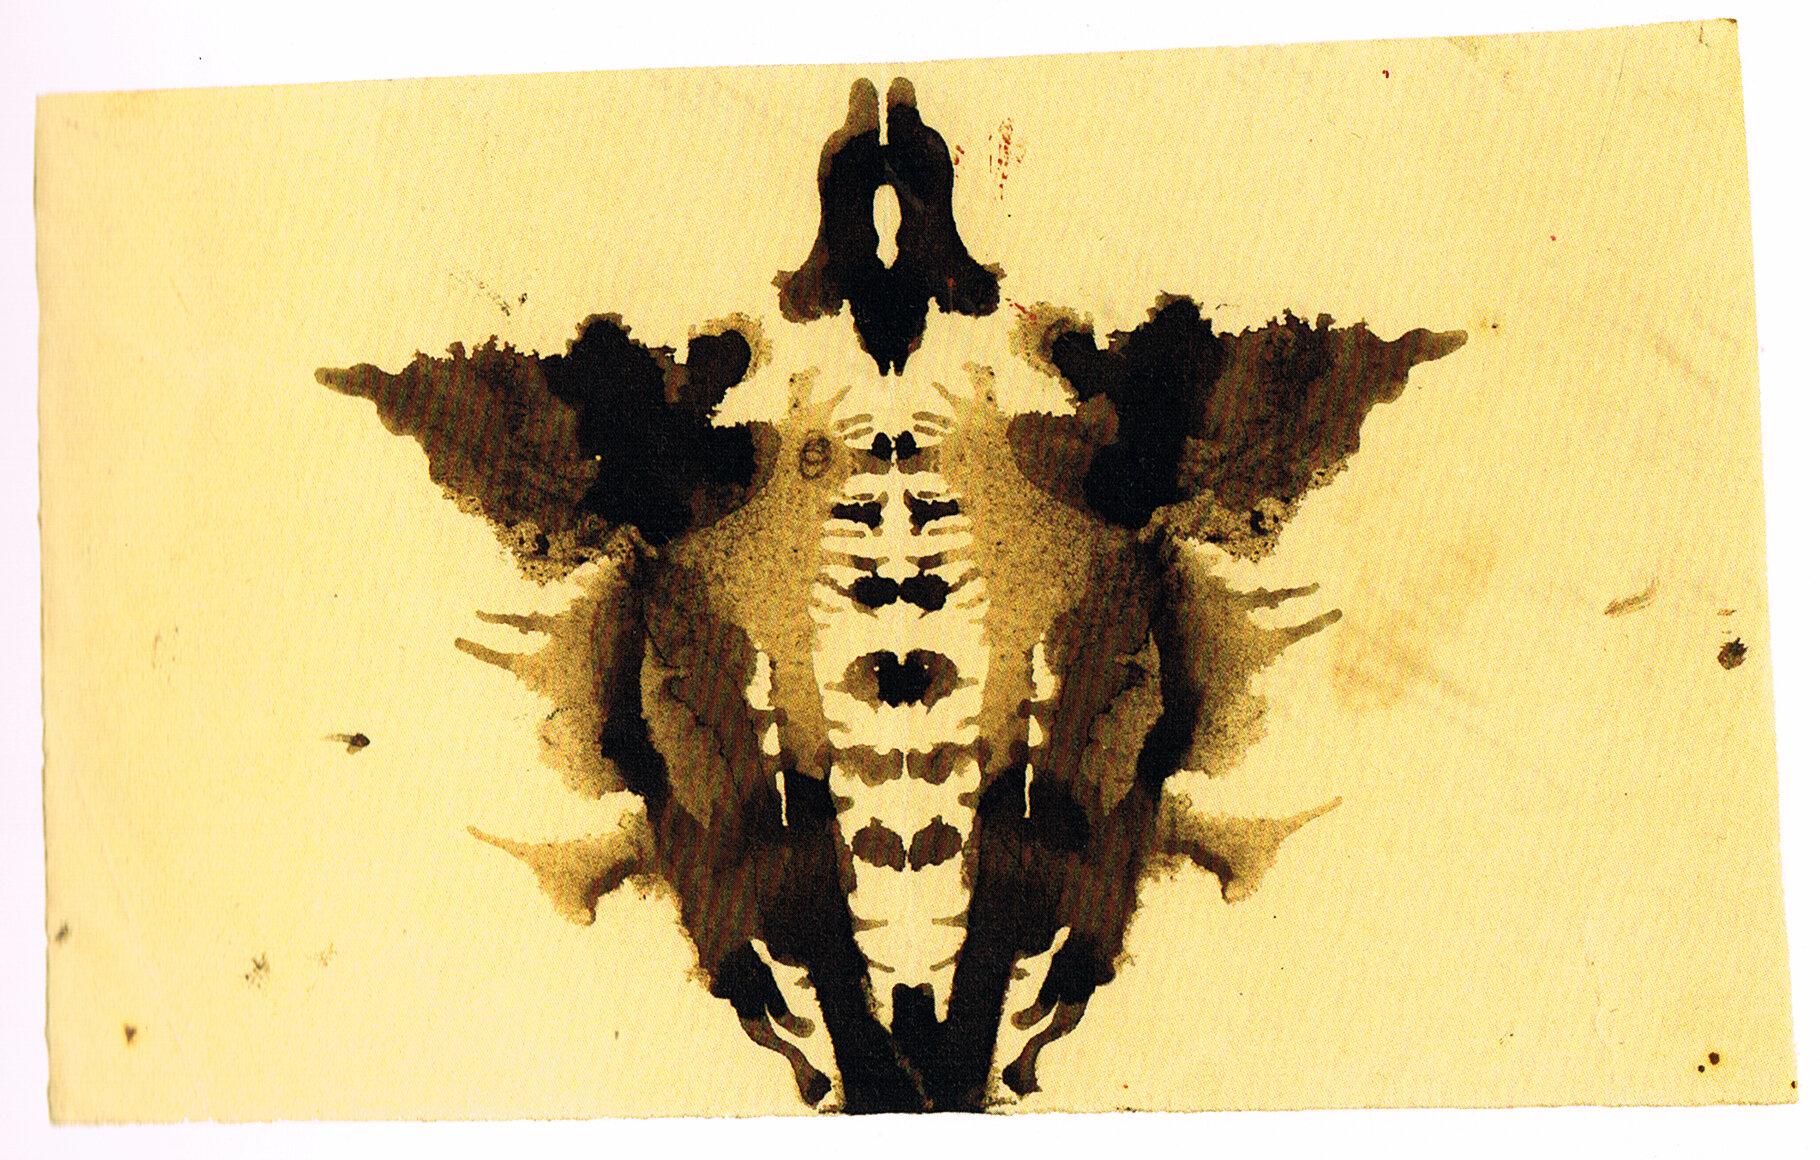 Beispiel von Justinus Kerners Klecksbildern